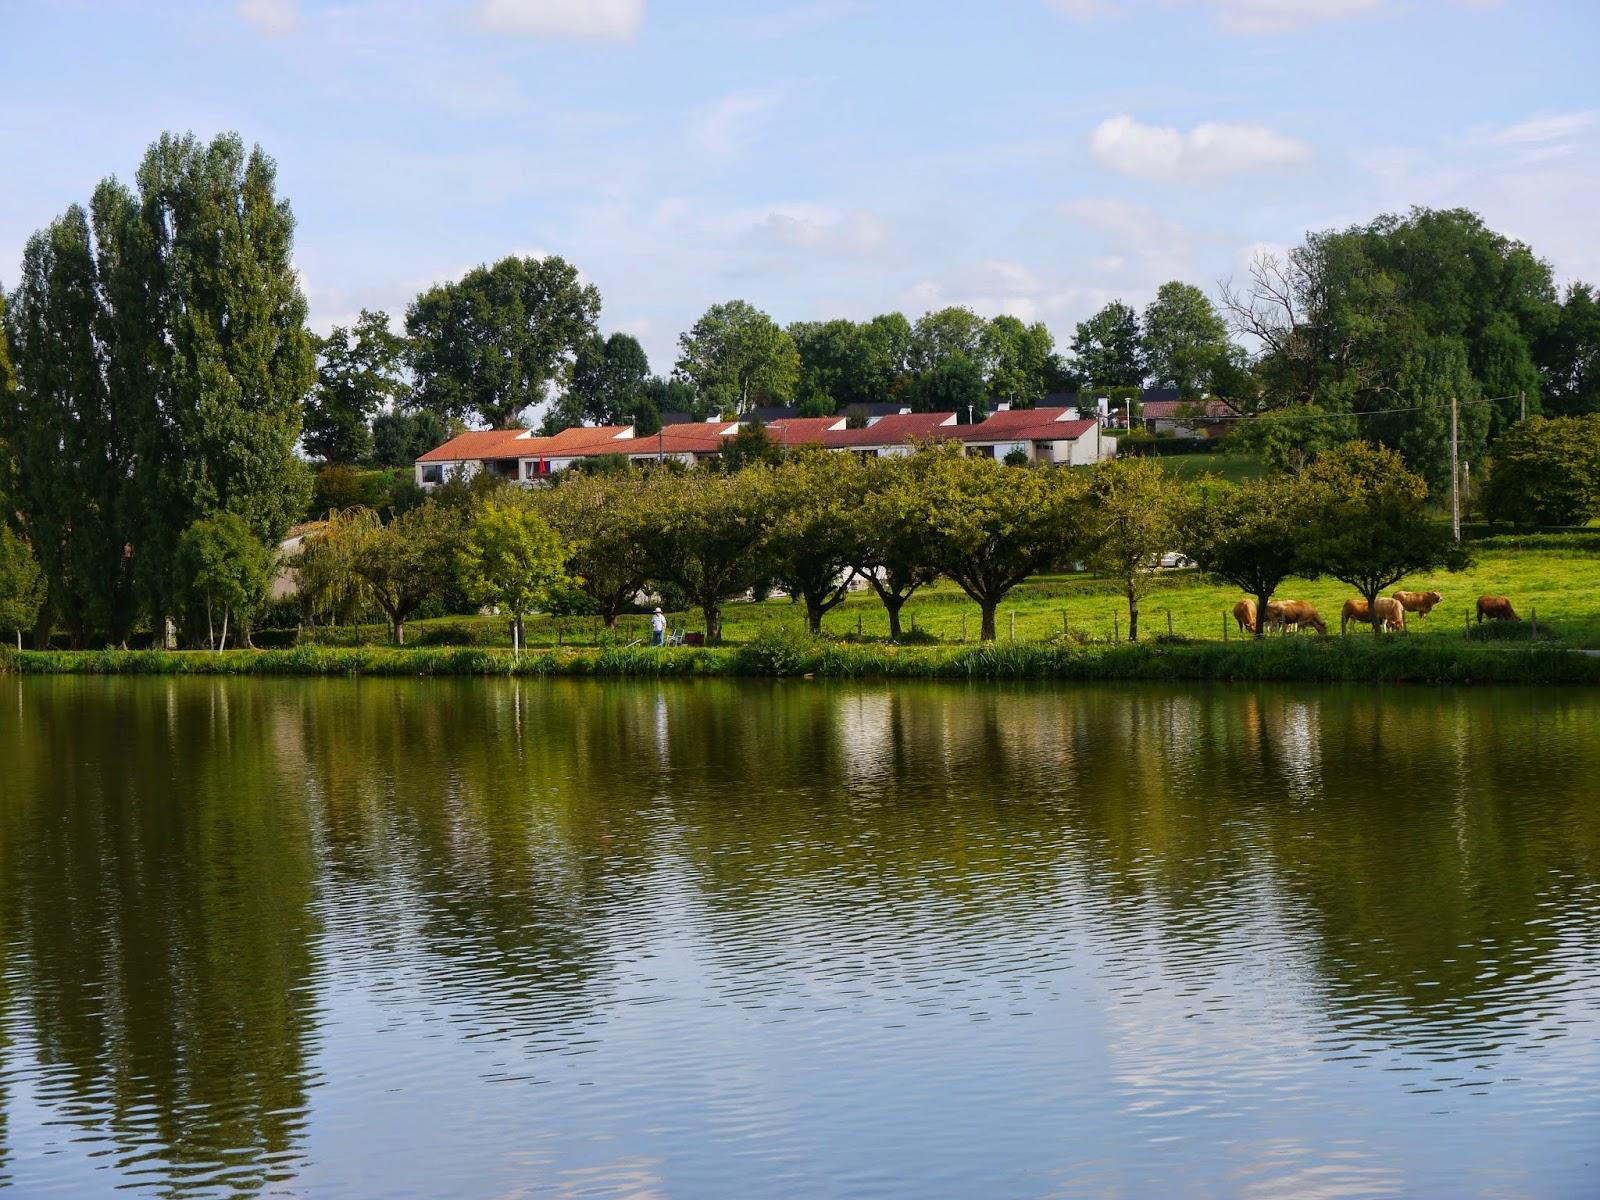 Vente Village de gites surplombant au lac avec baignade